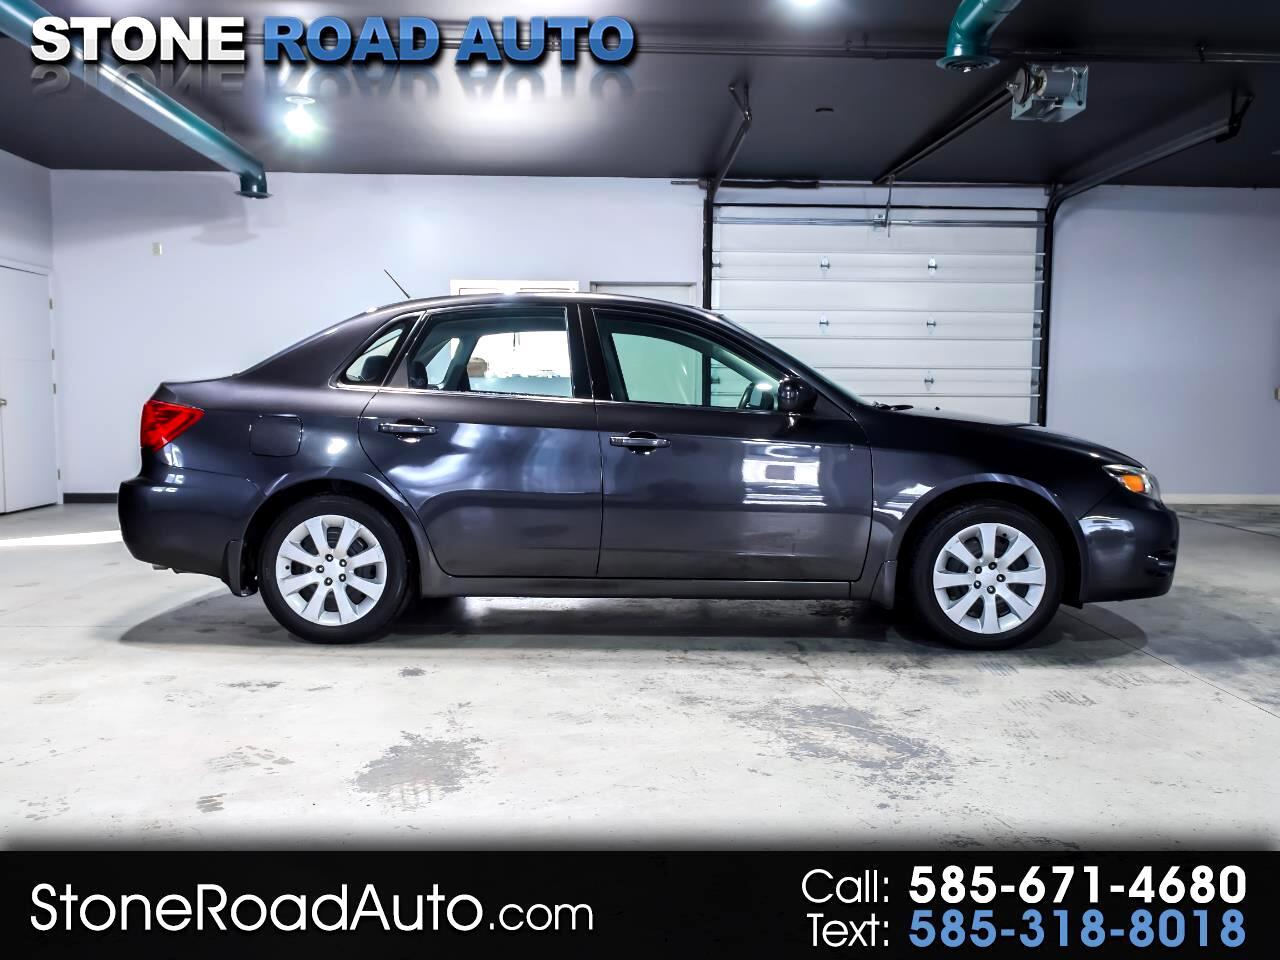 Subaru Impreza Sedan 4dr Auto 2.5i 2010